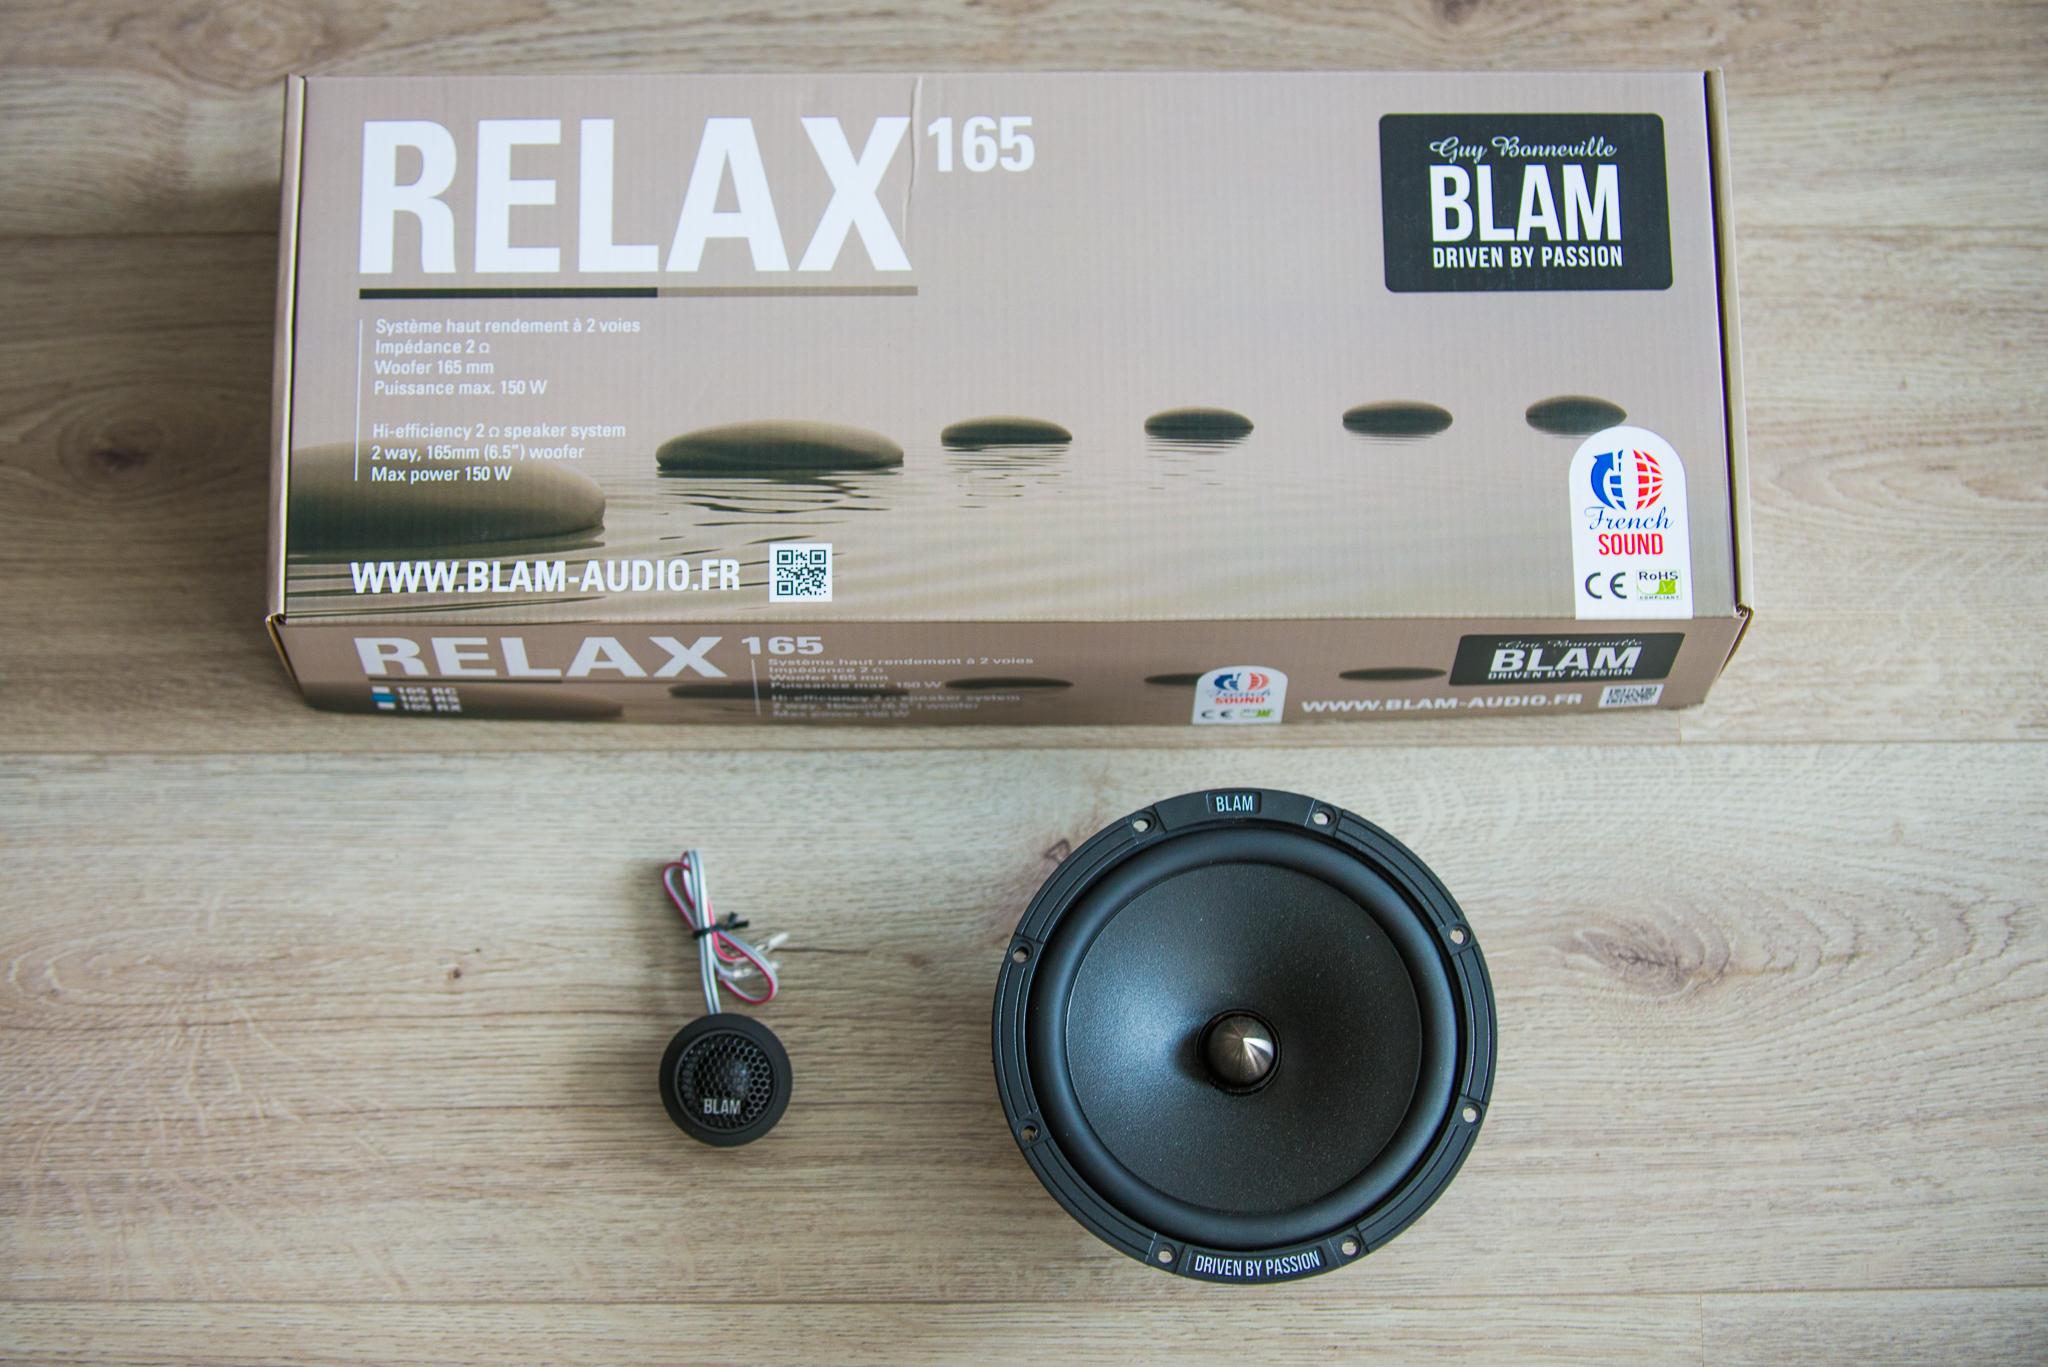 BLAM Relax